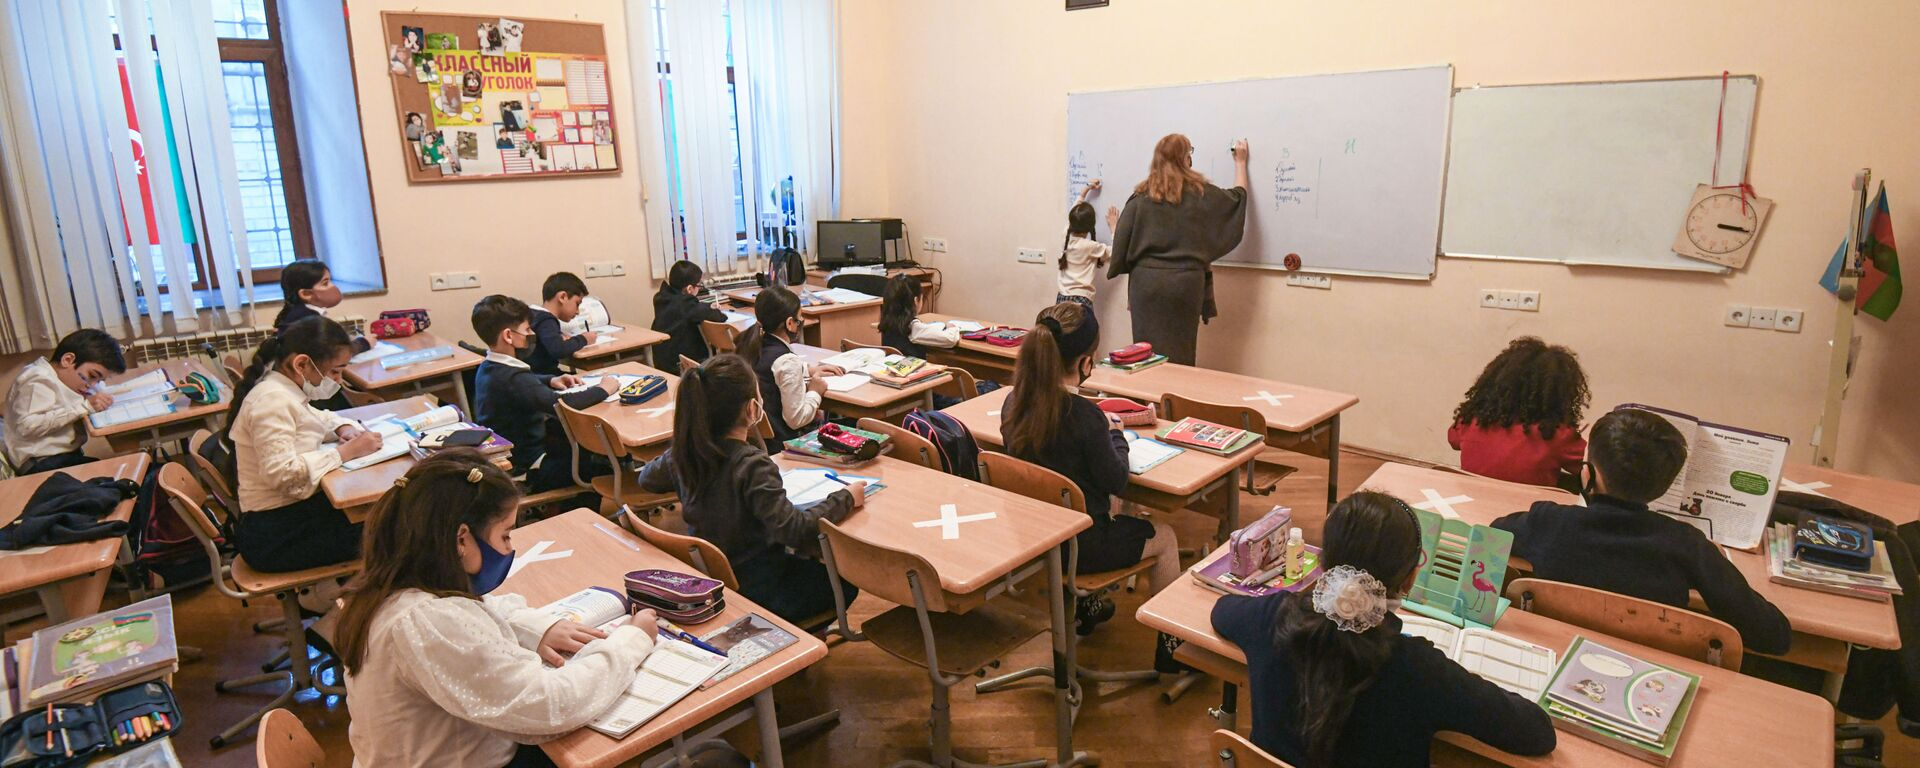 Возобновление очных занятий в бакинских школах, 1 февраля 2021 года - Sputnik Азербайджан, 1920, 04.02.2021